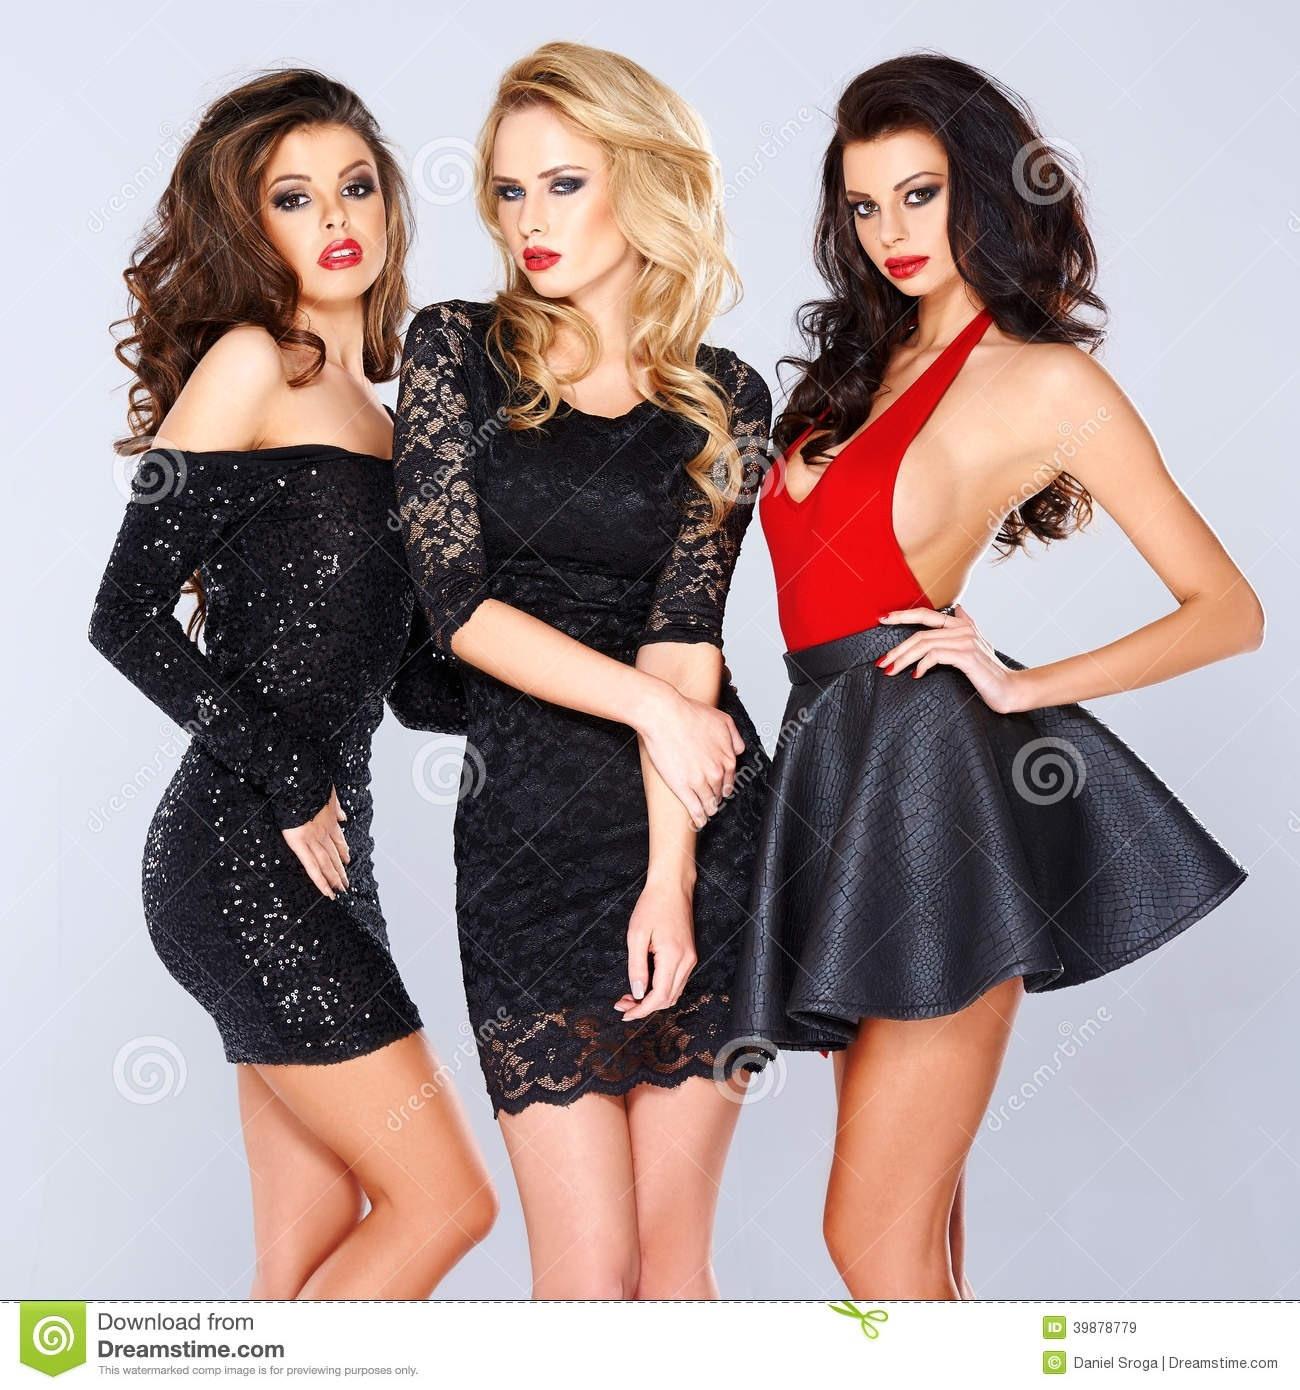 Abend Luxus Abendbekleidung Für Damen Boutique10 Spektakulär Abendbekleidung Für Damen für 2019